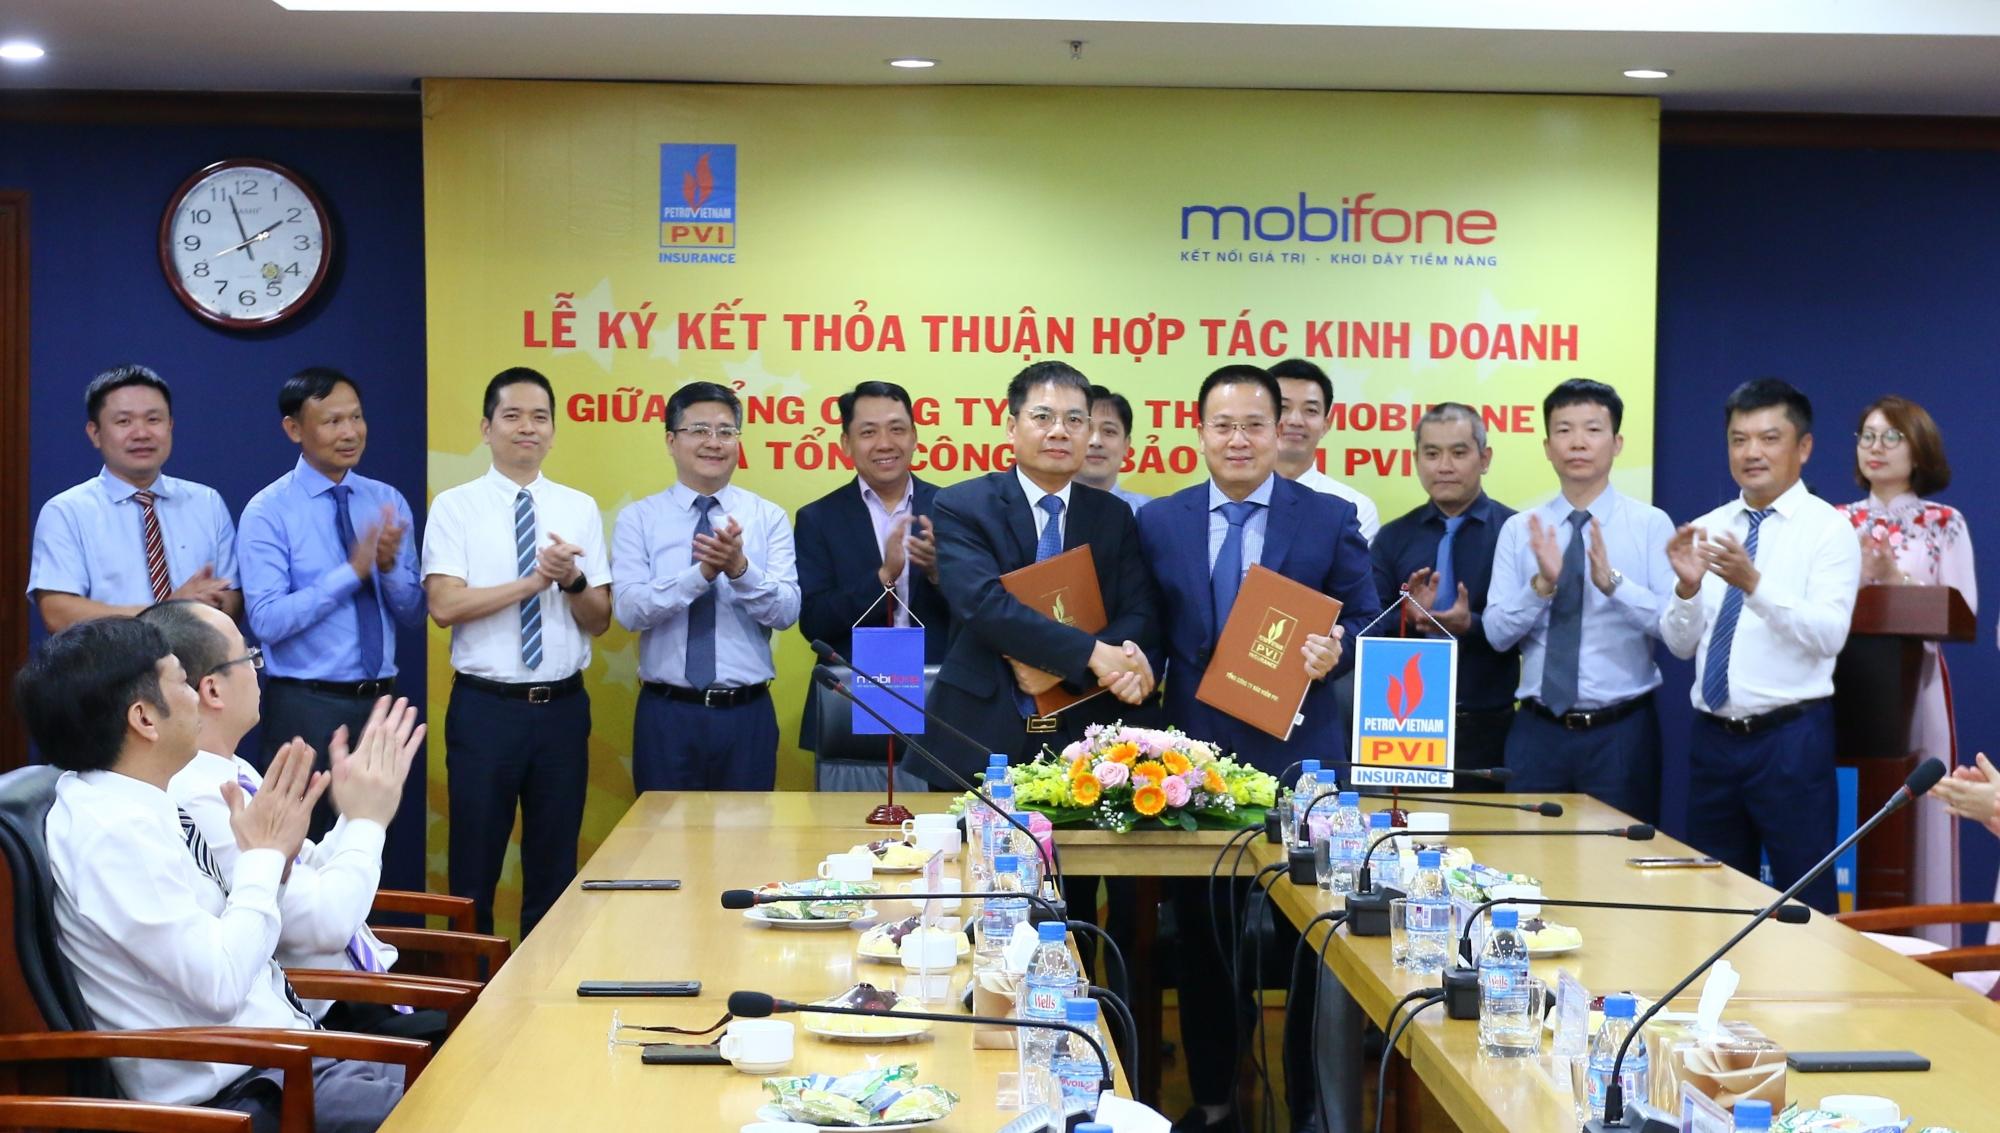 Bảo hiểm PVI và MobiFone ký Thỏa thuận hợp tác kinh doanh